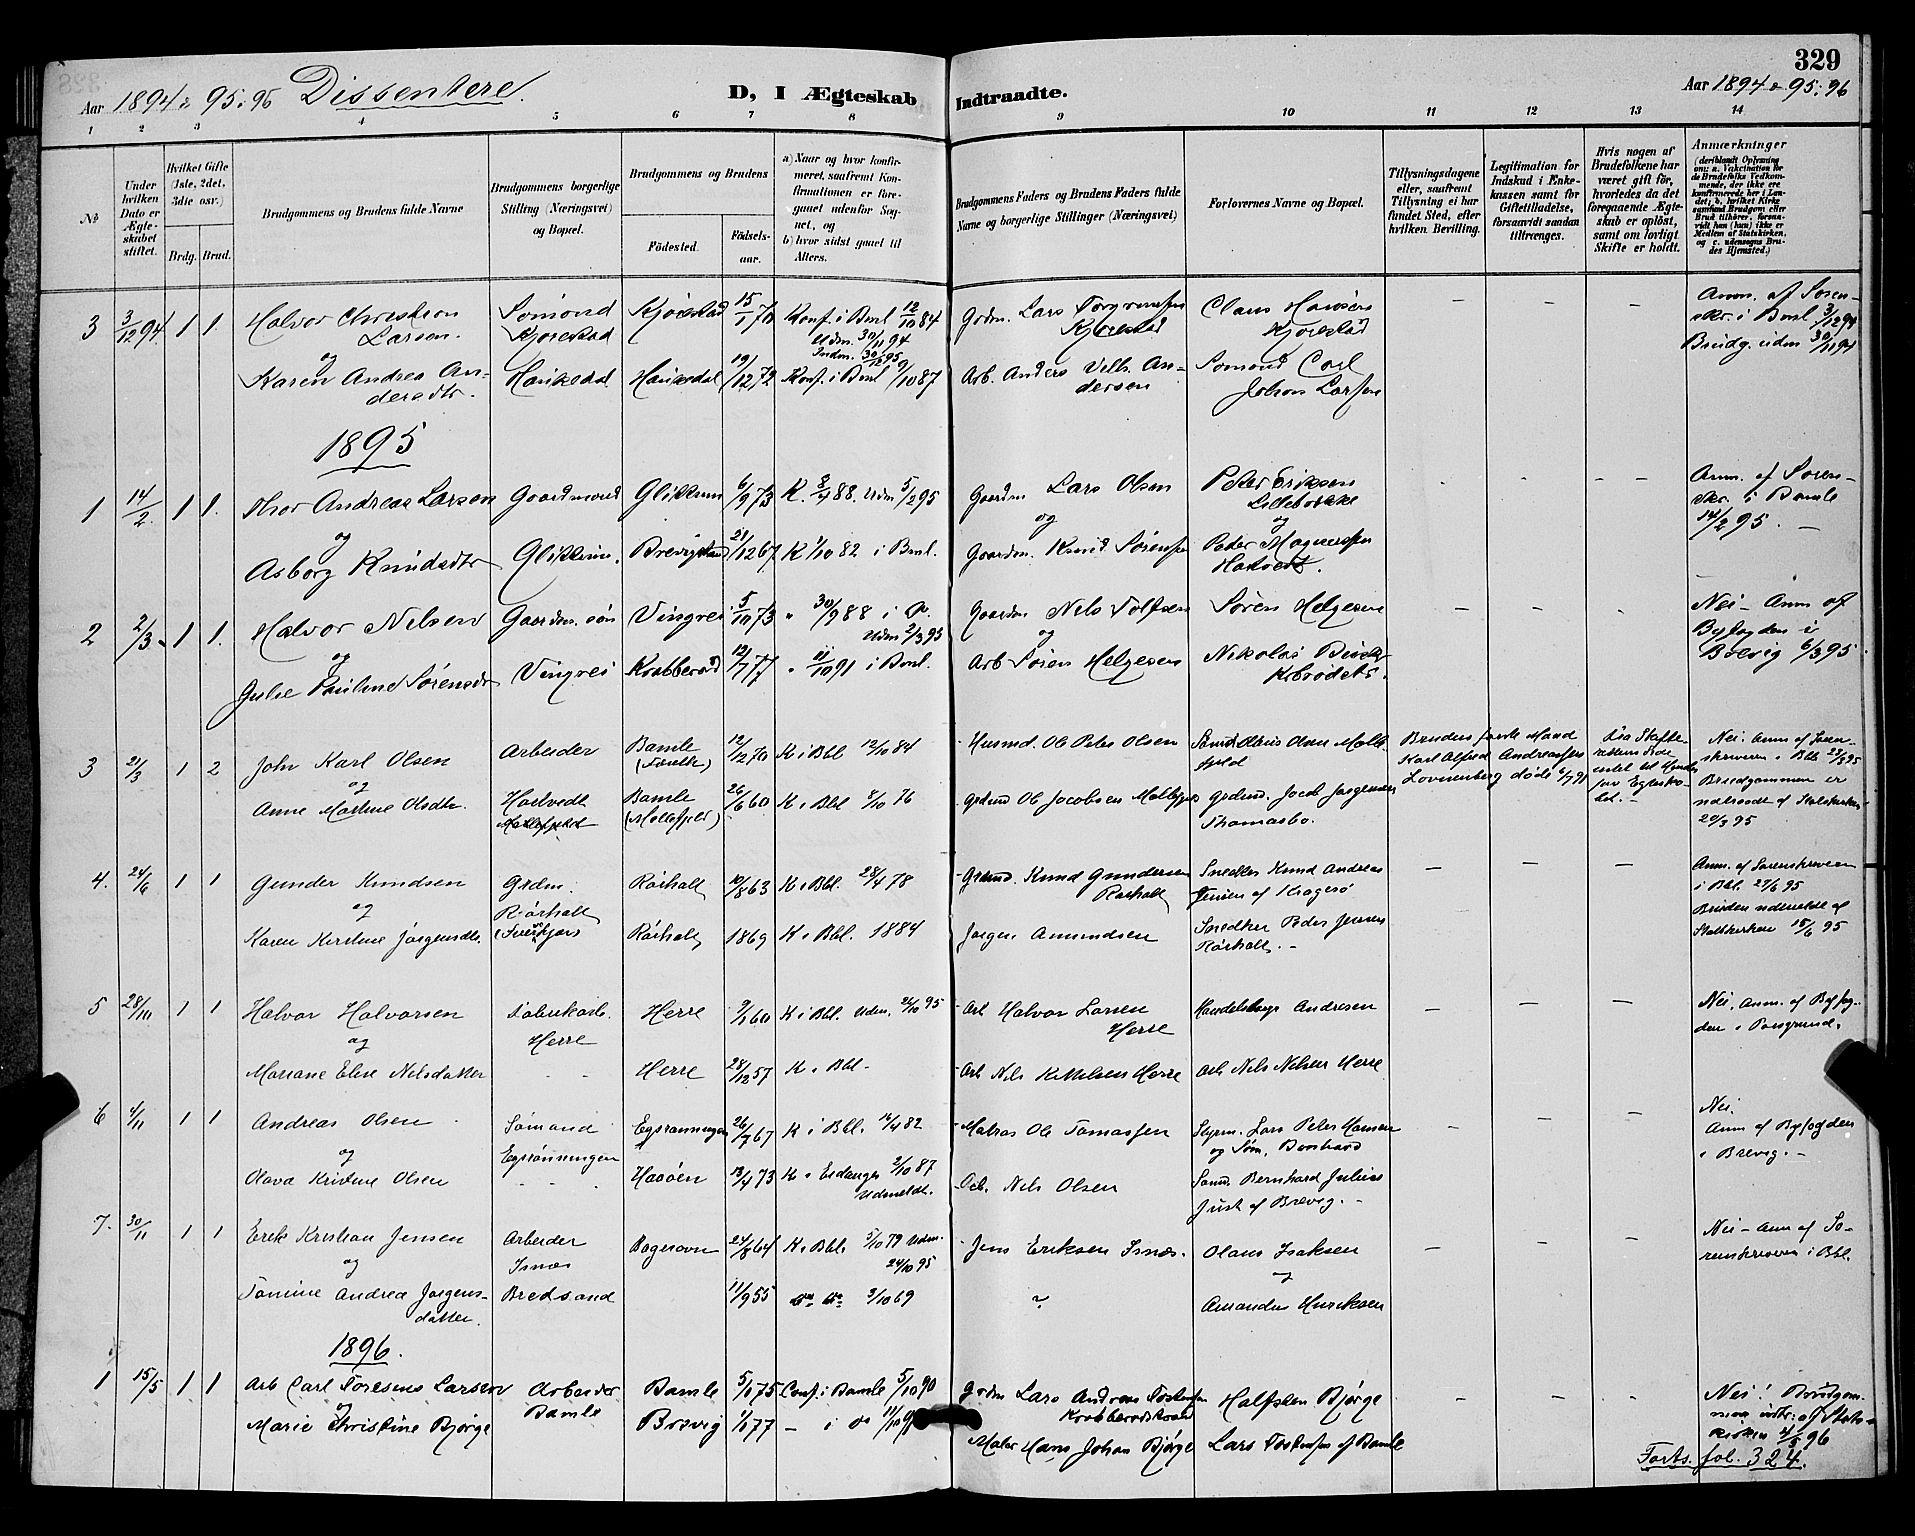 SAKO, Bamble kirkebøker, G/Ga/L0009: Klokkerbok nr. I 9, 1888-1900, s. 329